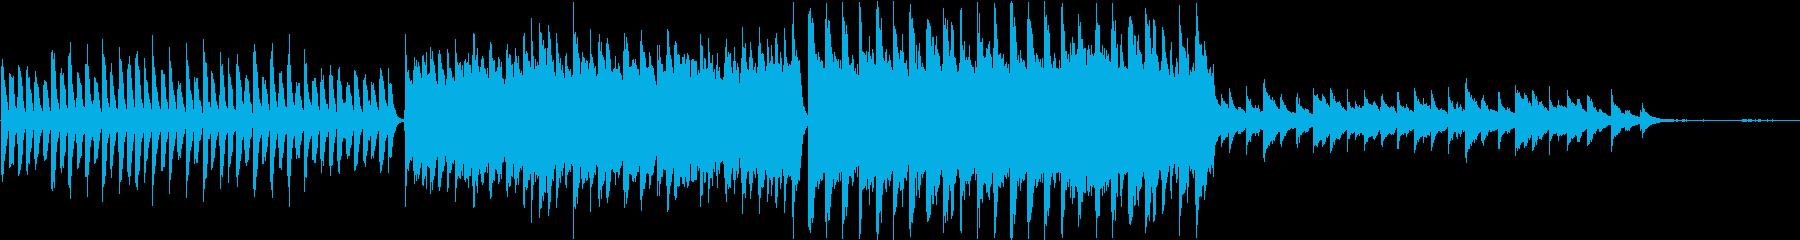 企業ムービー向けのシンプルなピアノの再生済みの波形